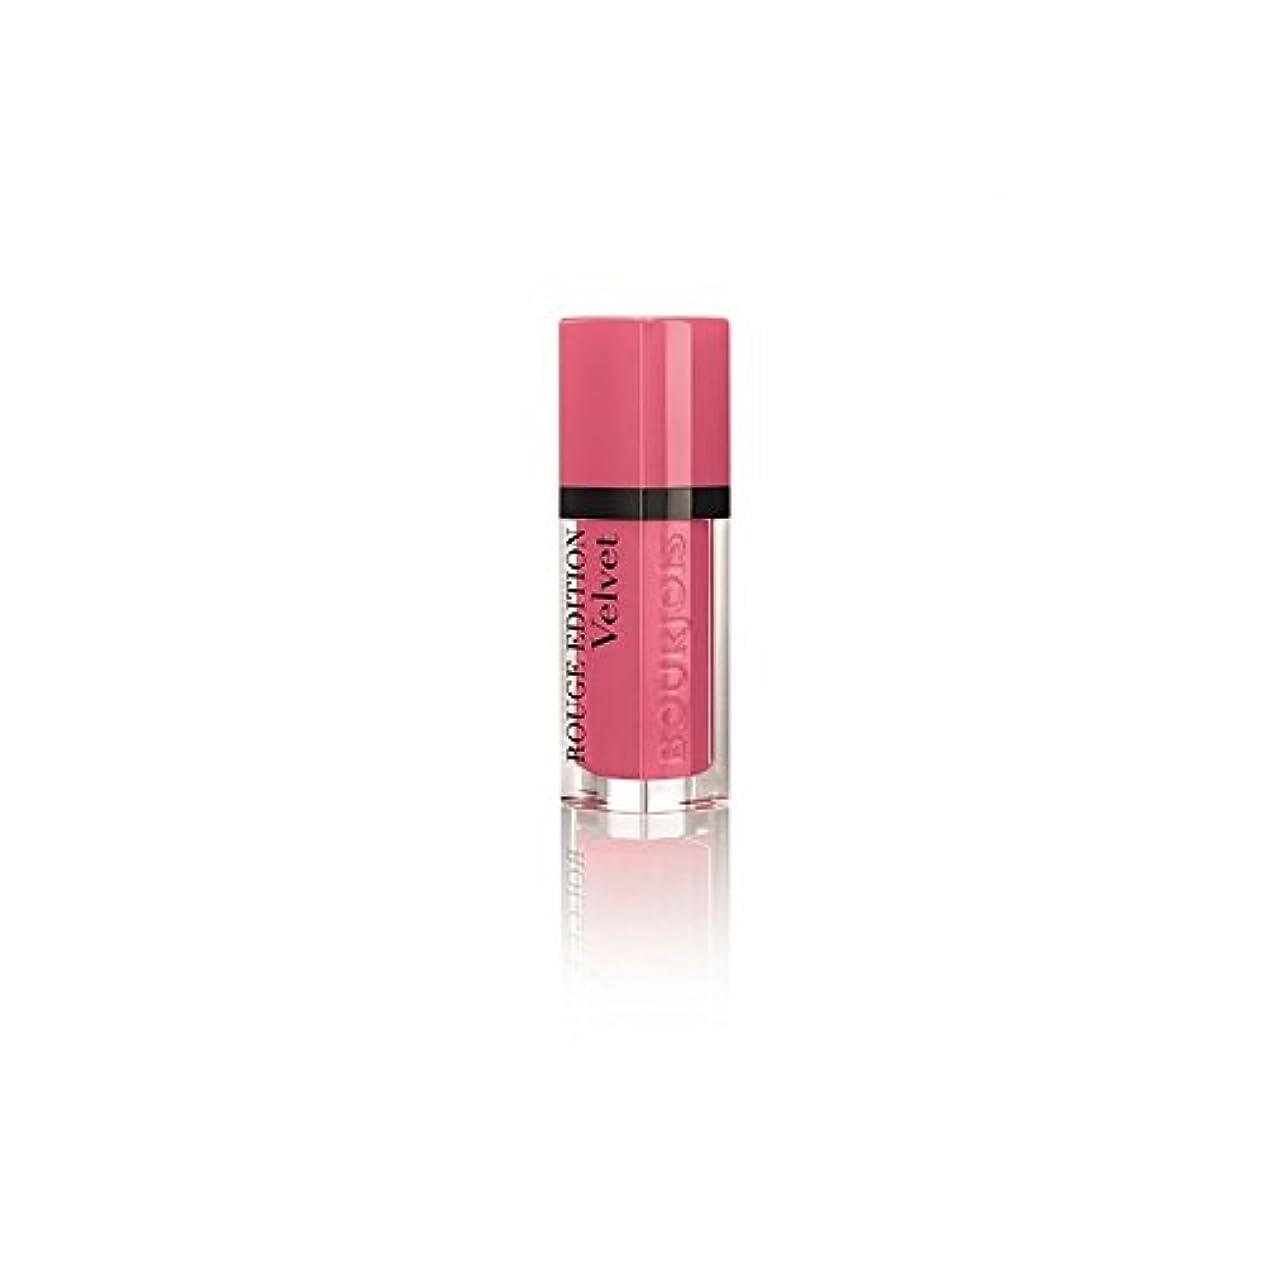 愛雇用者上院Bourjois Rouge Edition Velvet Lipstick So Hap'pink 11-11そう'ブルジョワルージュ版のベルベットの口紅 [並行輸入品]